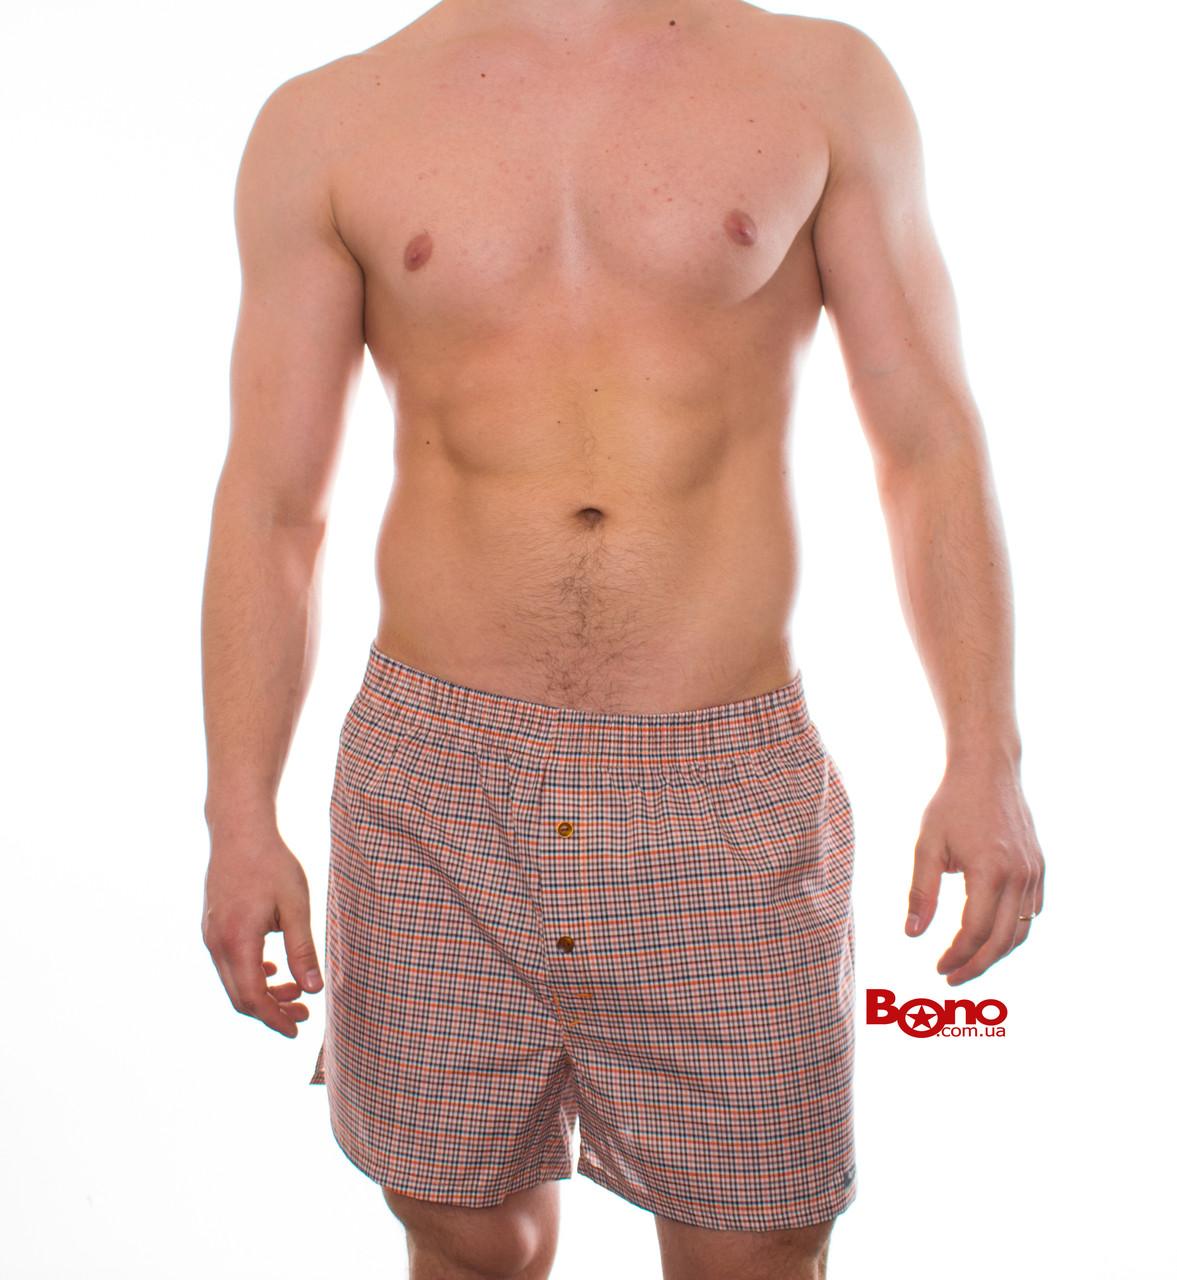 Мужские сатиновые трусы Bono 500310